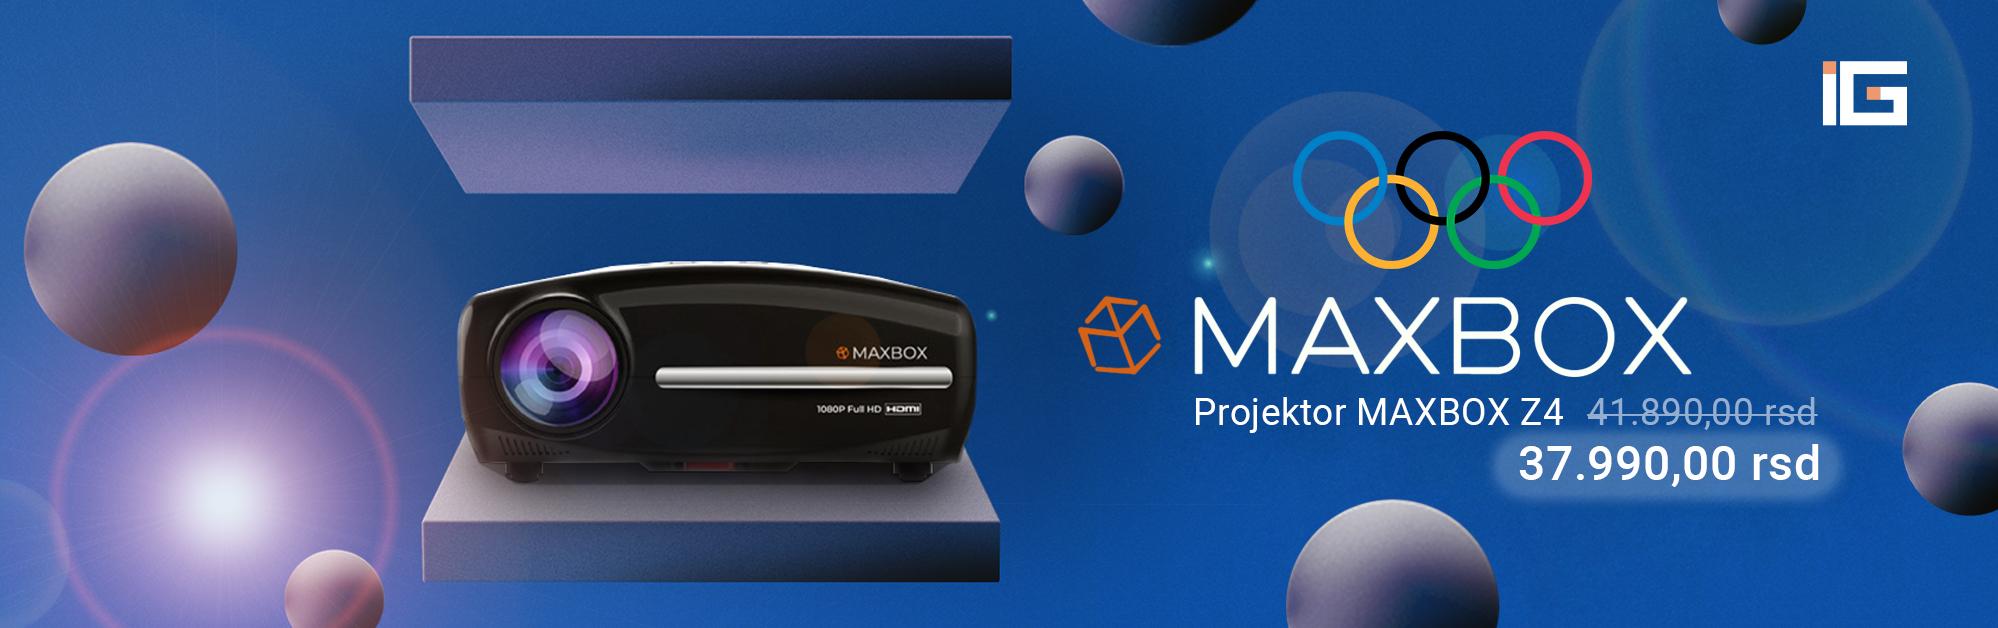 Projektor Z4 MAXBOX olimpijske igre akcija